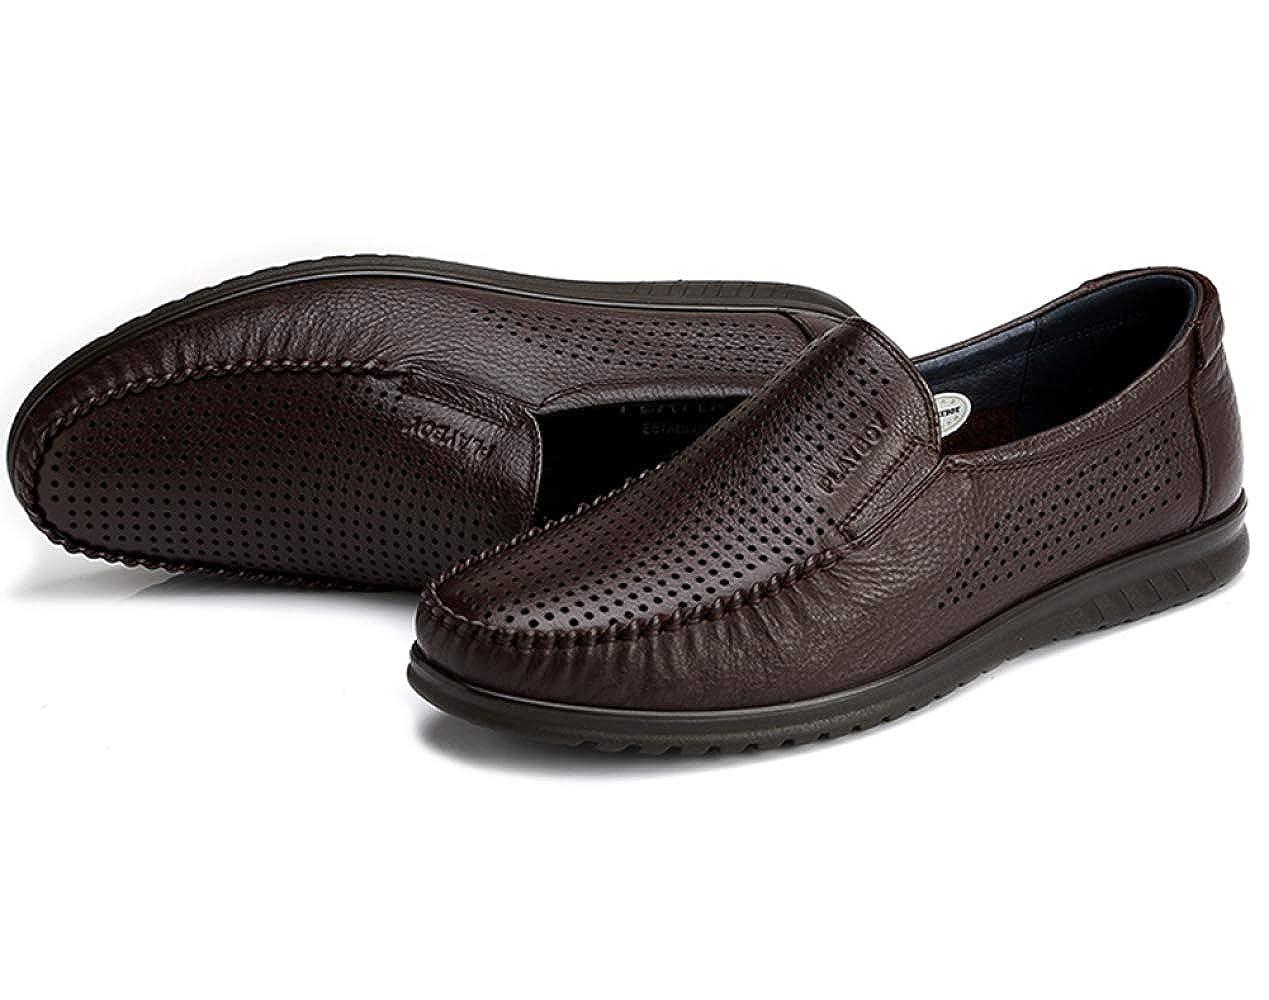 Business-Freizeitschuhe Der Männer Lok Papa Fu Schuhe Kleid Schuhe Papa Lok Schuhe Bequem Braun a34b83